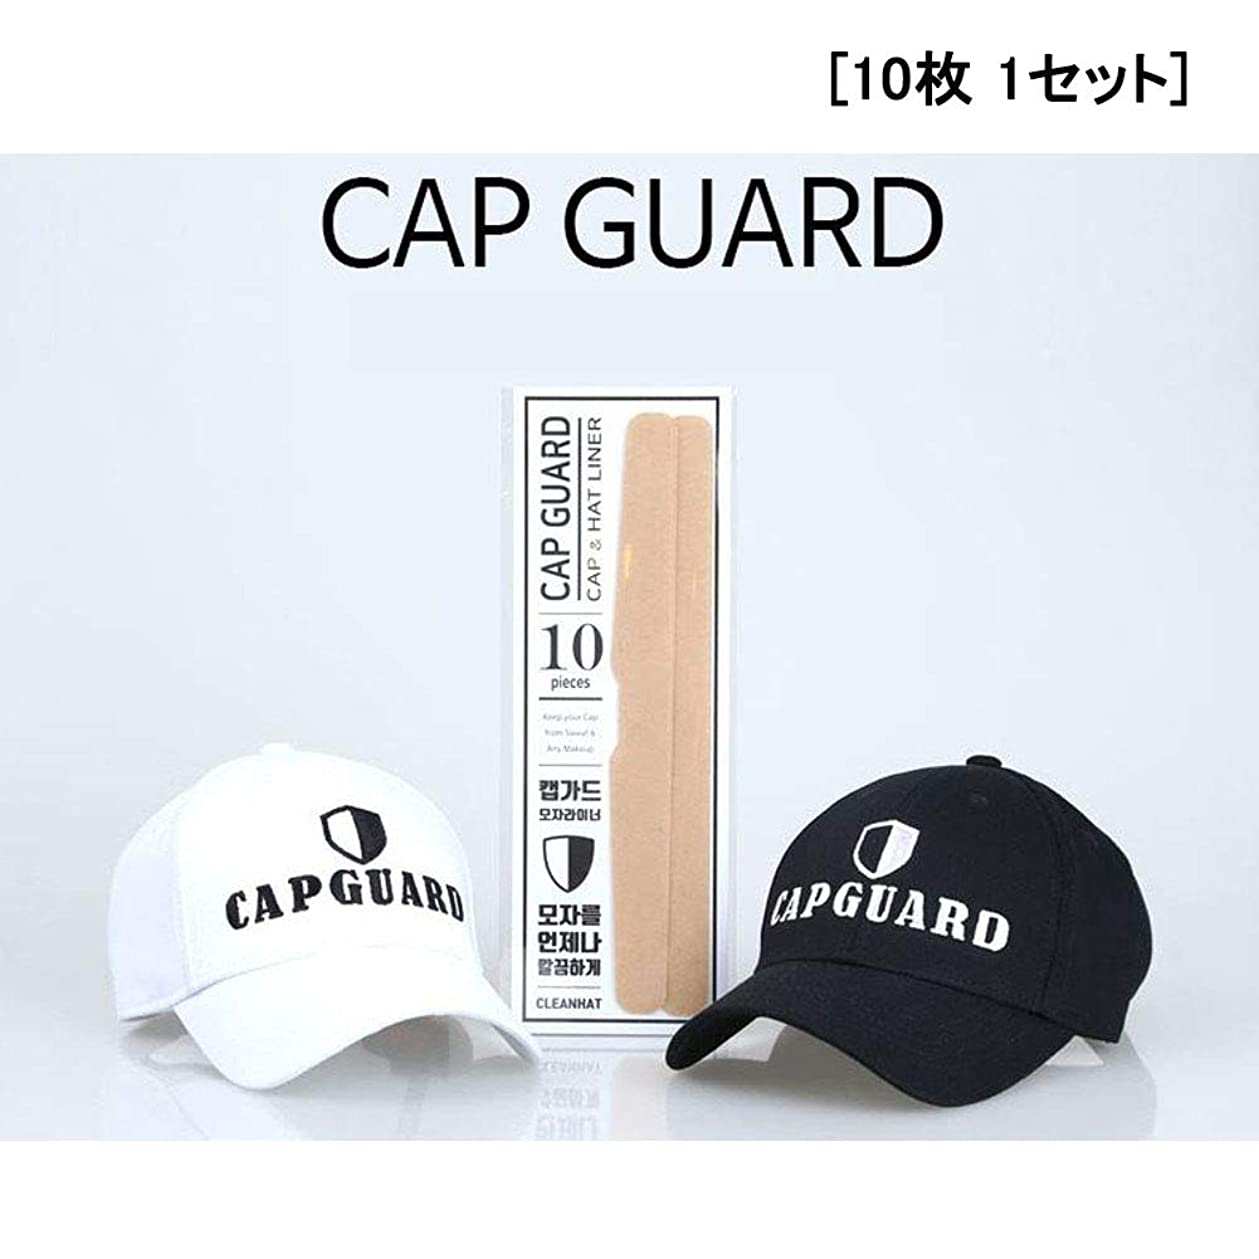 反動発症感謝【クリーンキャップ]帽子汗吸収パッド/接着良く、より長く良いCAP GUARD 10枚 1SET /280 X30jmm(4g)/汗の吸収力も優れた帽子ライナー[並行輸入品] (10枚 1セット)